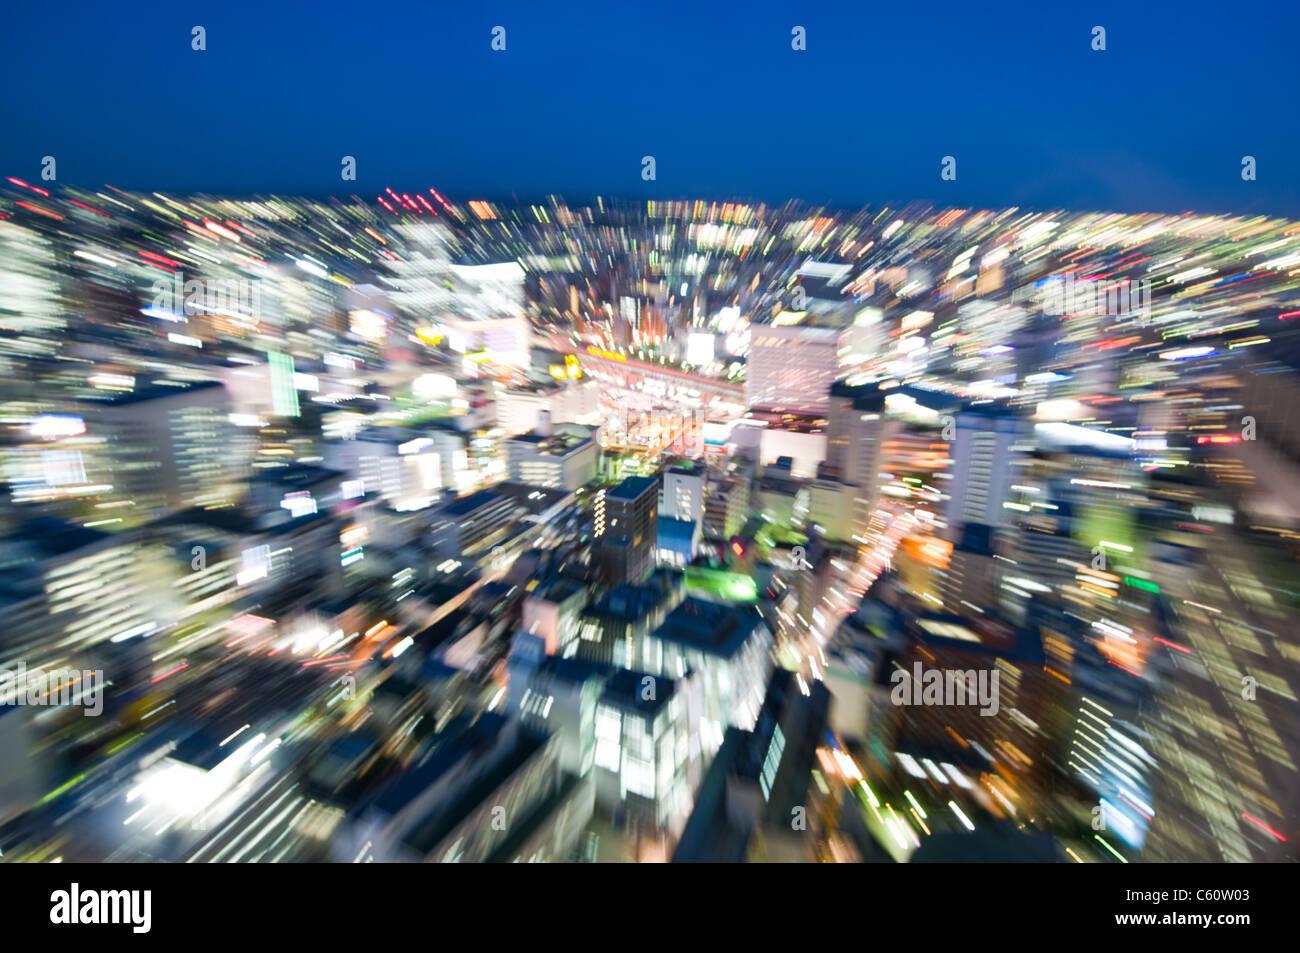 Vista borrosa hacia un objeto en una ciudad Imagen De Stock